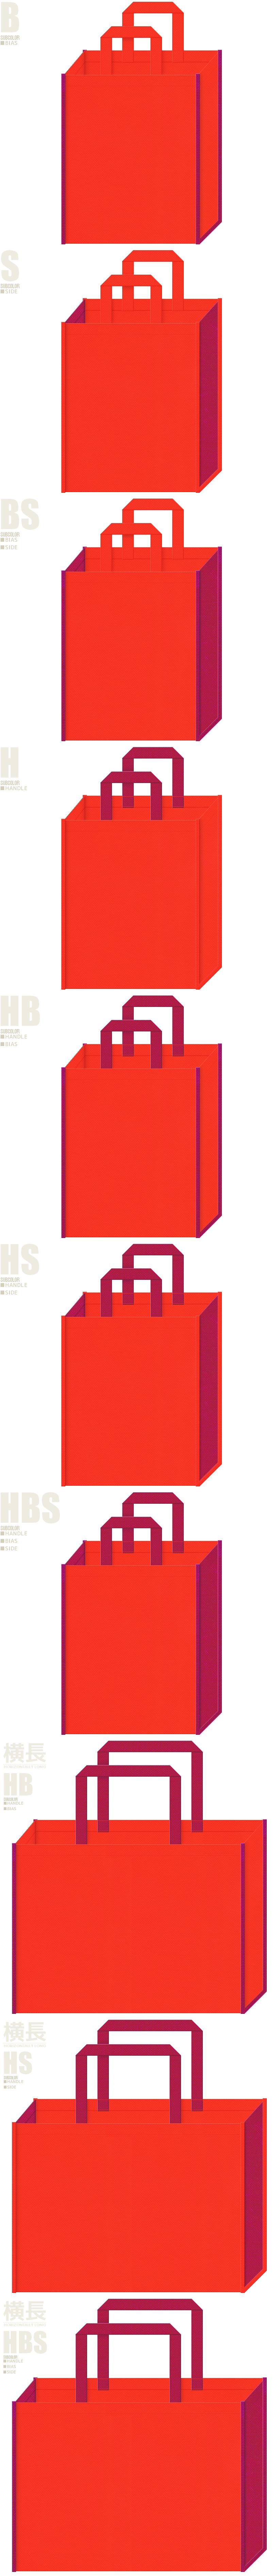 南国リゾート・フルーツ・カクテル・トロピカルなイメージにお奨めの不織布バッグデザイン:オレンジ色と濃いピンク色の配色7パターン